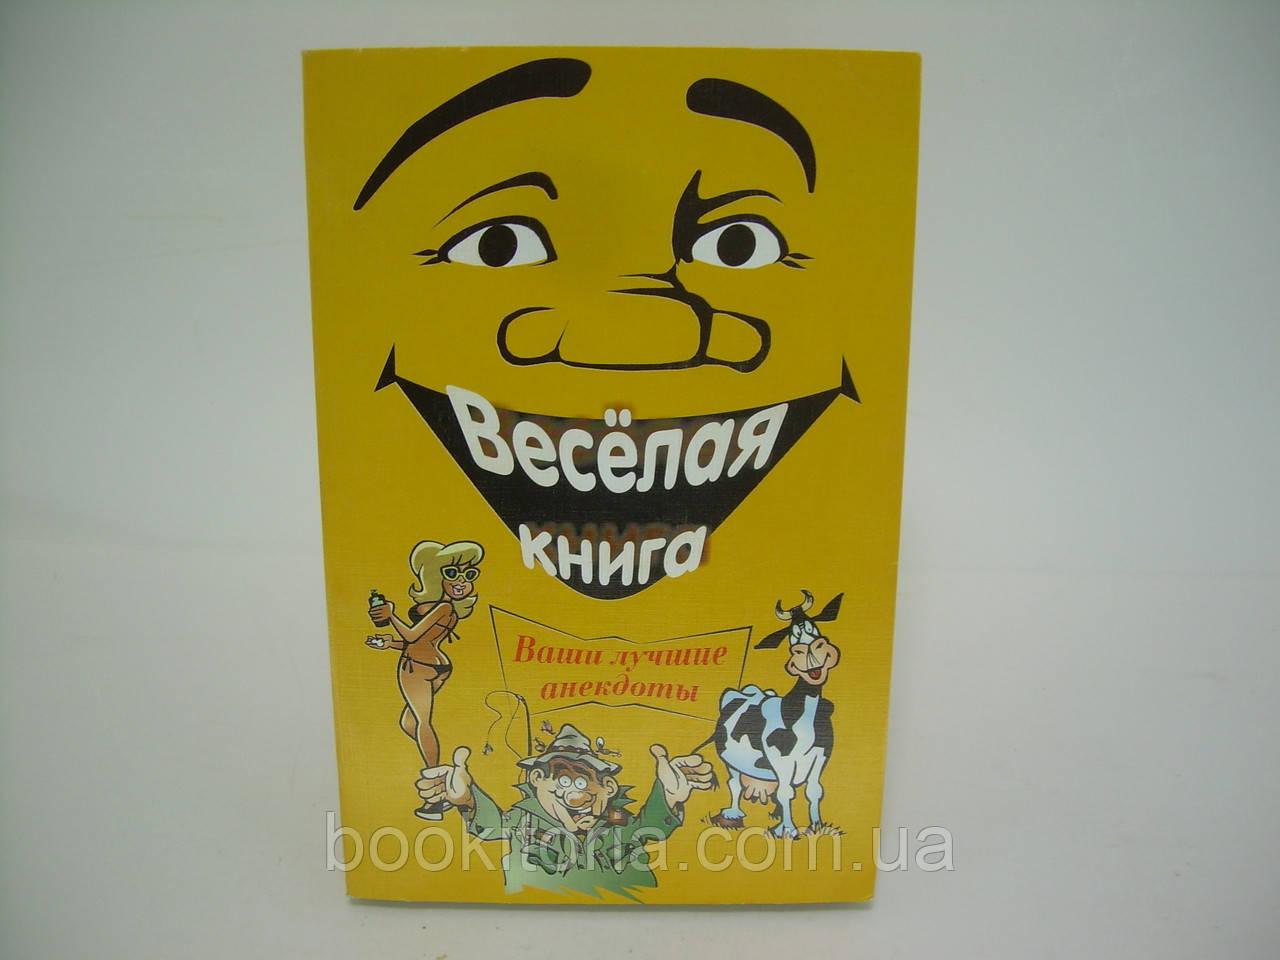 Веселая книга. Ваши лучшие анекдоты (б/у).